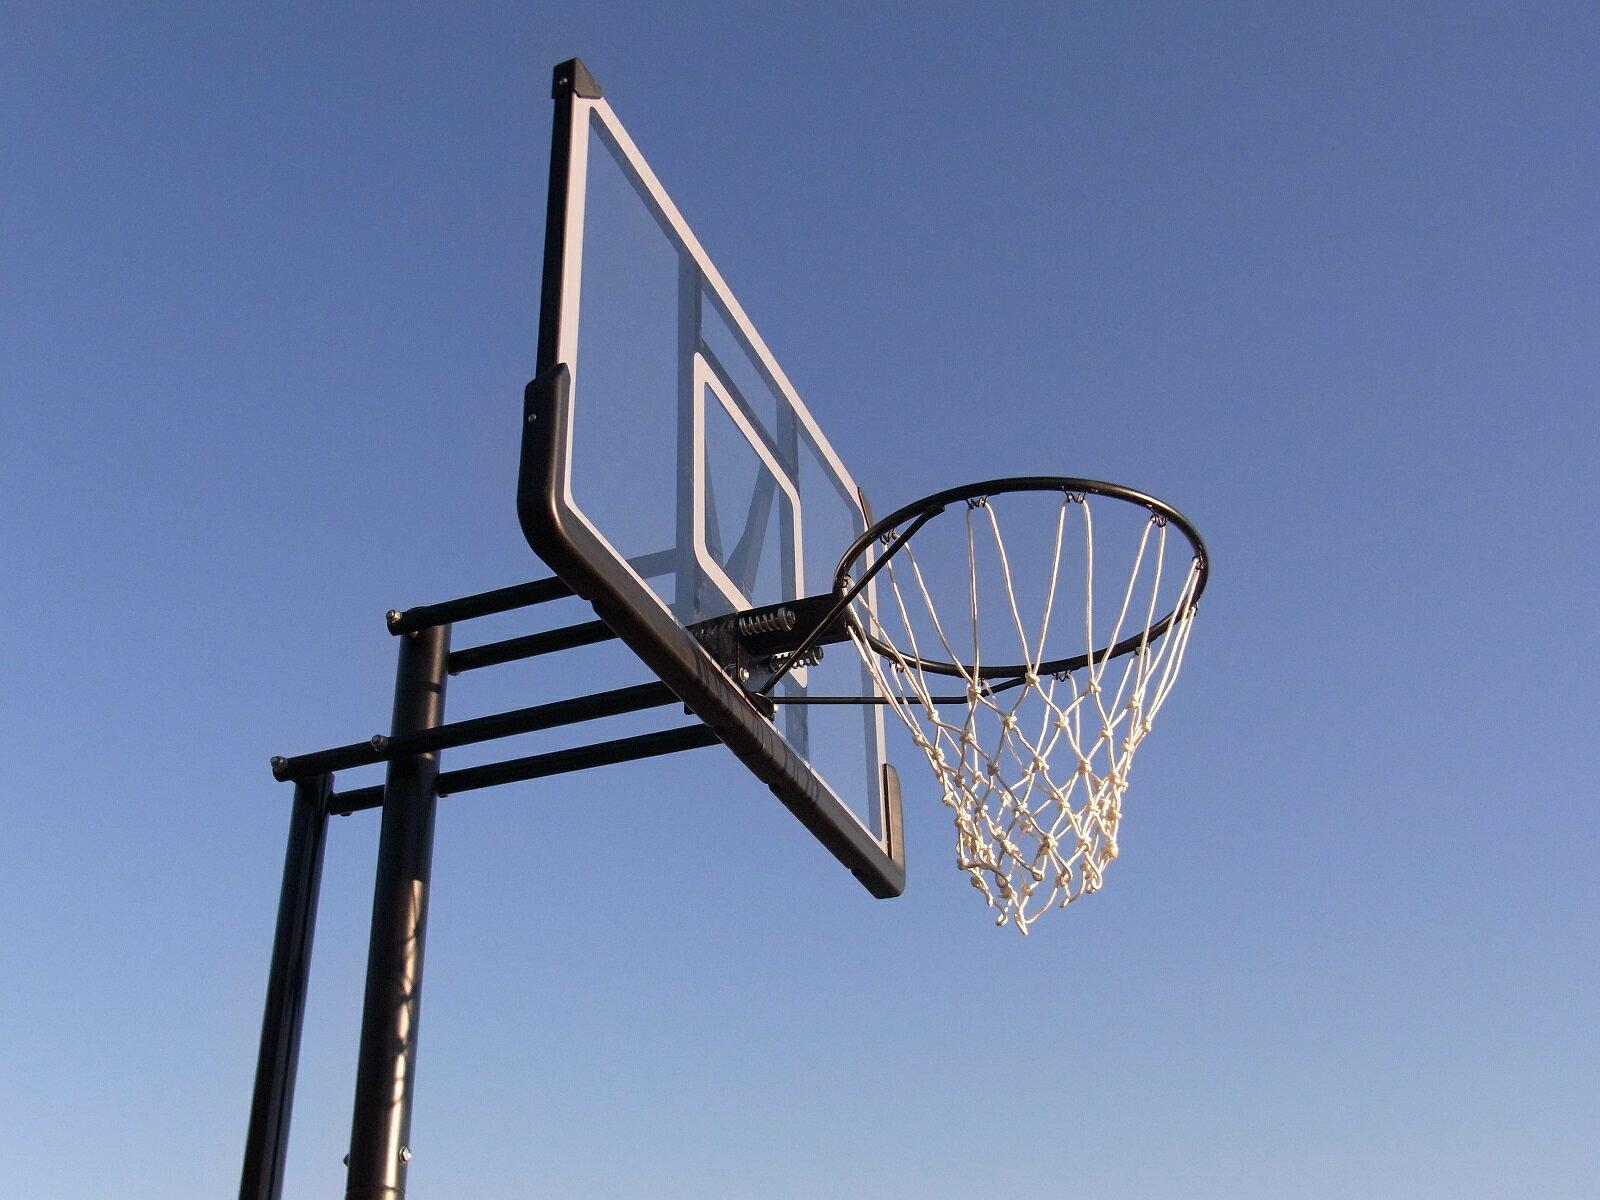 【送料無料】 ハンドルを回すだけの簡単高さ調節とシンプルなデザインが好評です。バスケットゴール BG-305DX 屋外 家庭用 バスケットボール ゴール